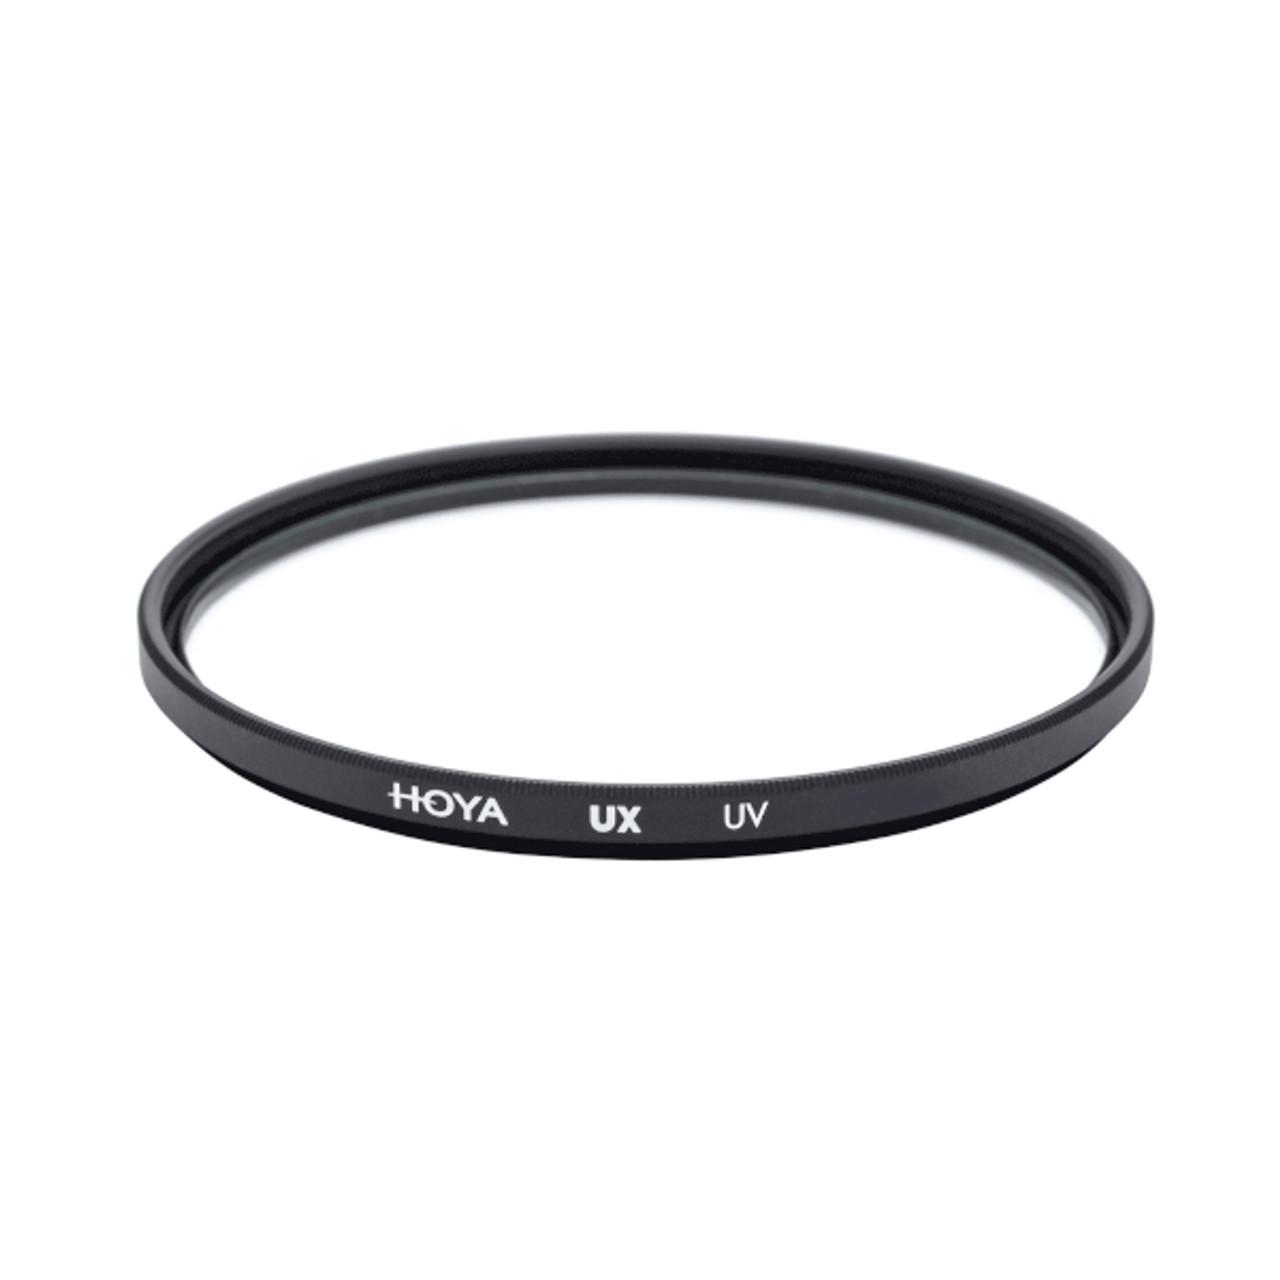 Hoya 49mm UX UV Filter